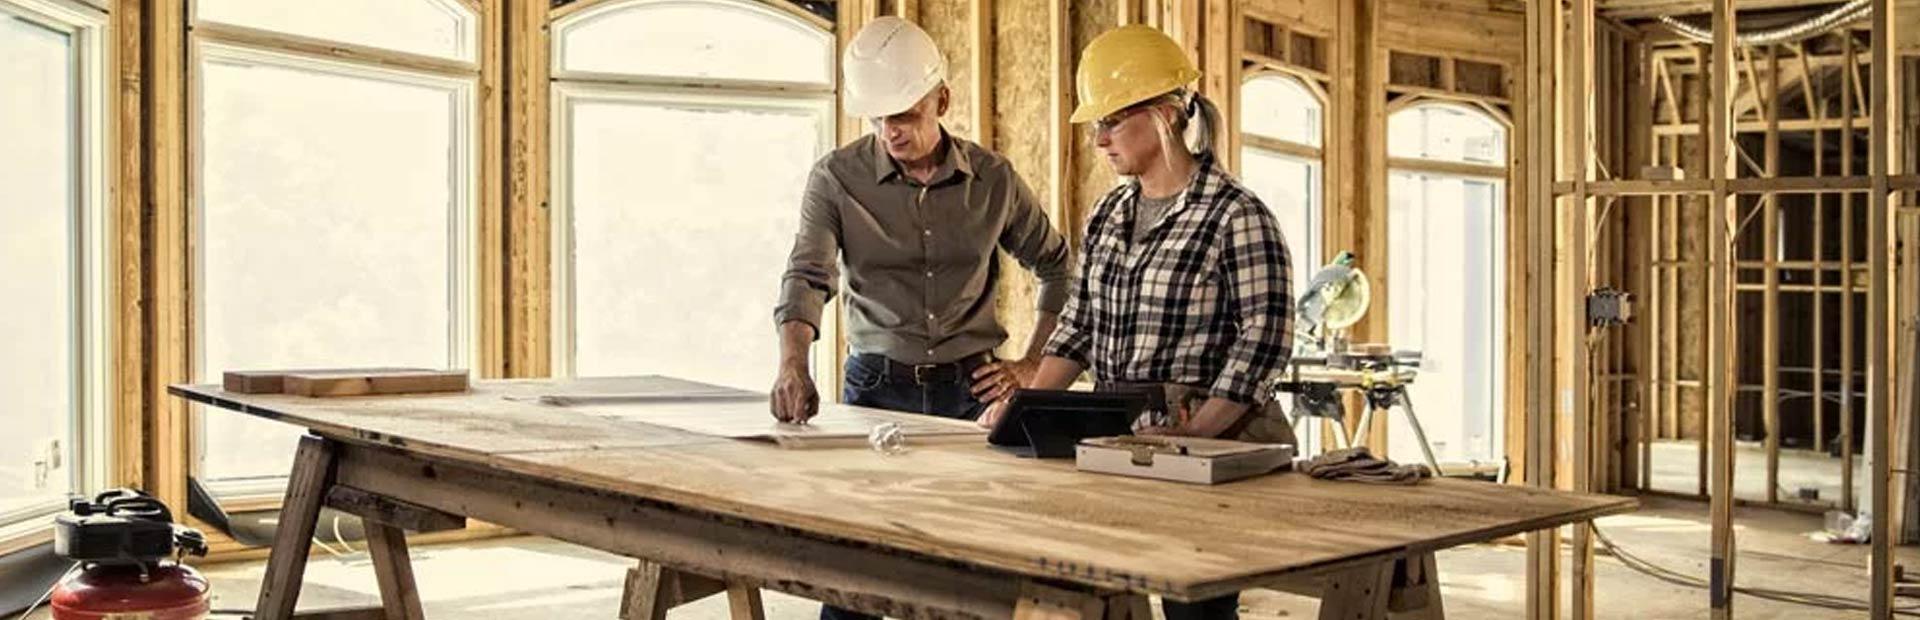 contractor-blog-banner.jpg